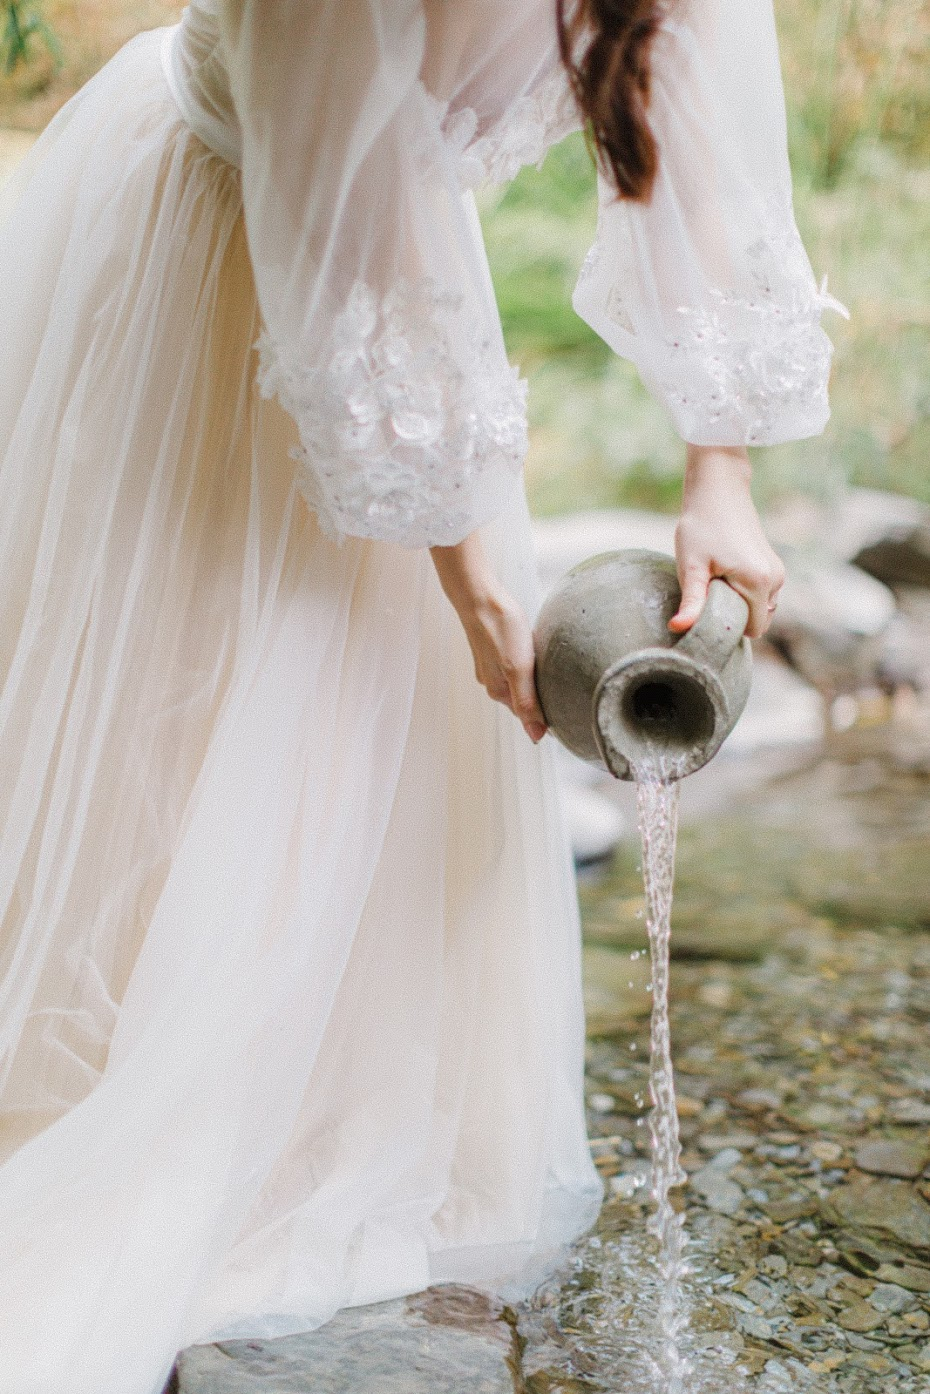 美式婚紗創作 | INSPIRATION | Chill美式逐光婚紗 美式婚紗創作 / 油畫 靈感 婚紗 / 美式婚紗婚禮 / Chill , 今年秋天,我們前往南投的小溪流 ,拍攝了這組 Chill 油畫感 創作 ,Ann挽起頭髮,拿著水平在溪邊舀水,好似一幅美麗的油畫-頭頂水果籃的少女。這是一次非常深刻的 靈感 人物 創作 拍攝經驗,到了拍攝尾聲,陽光微微露臉,我們也順利拍攝AG專屬的 逐光 美式 婚紗。